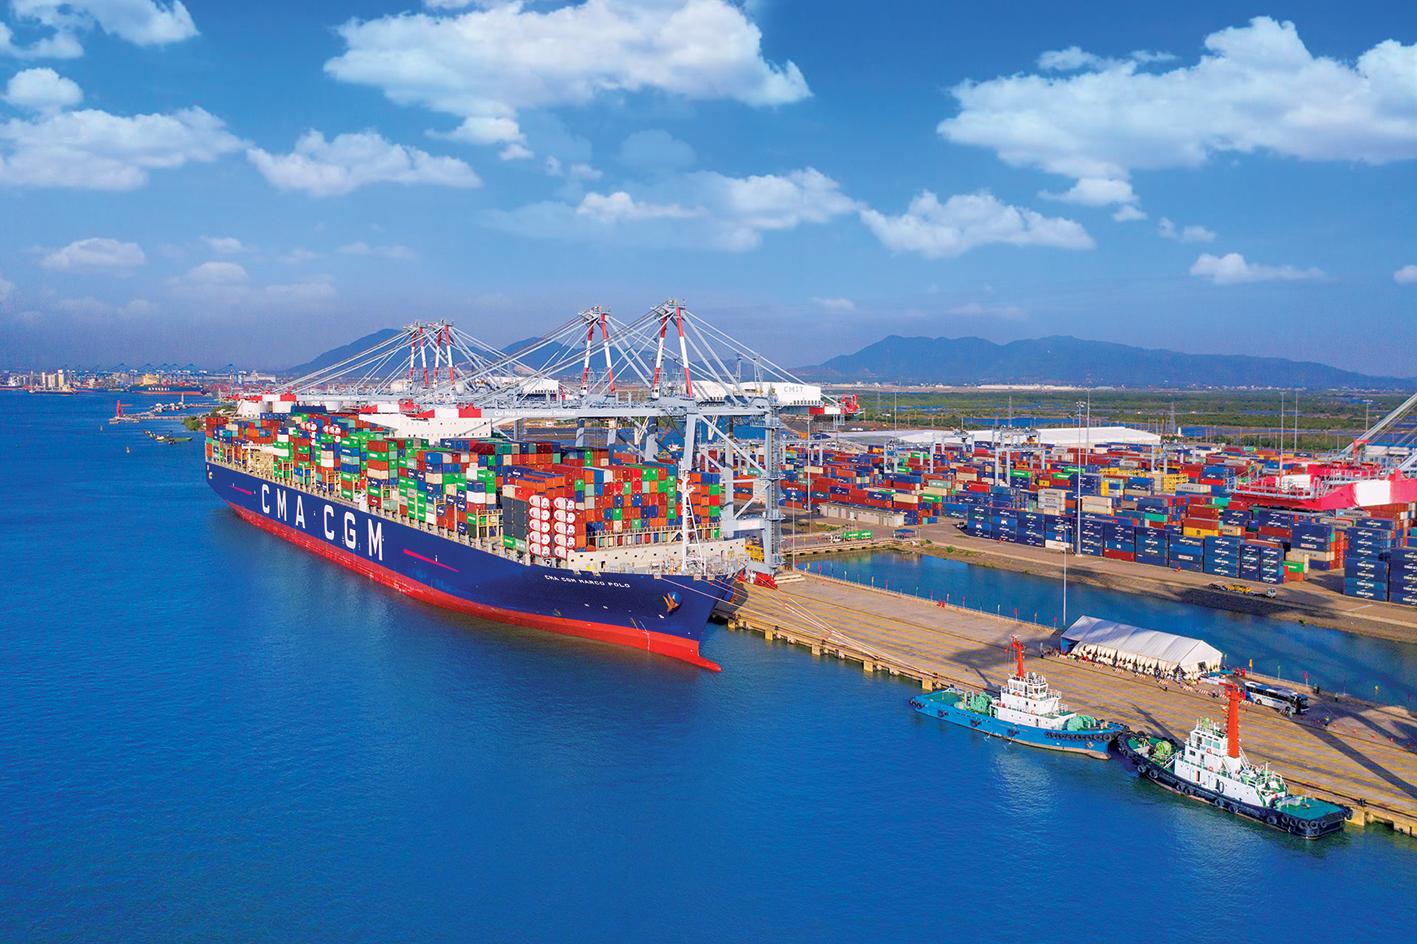 Trung tâm Logistics và Cảng tổng hợp container Cái Mép Hạ